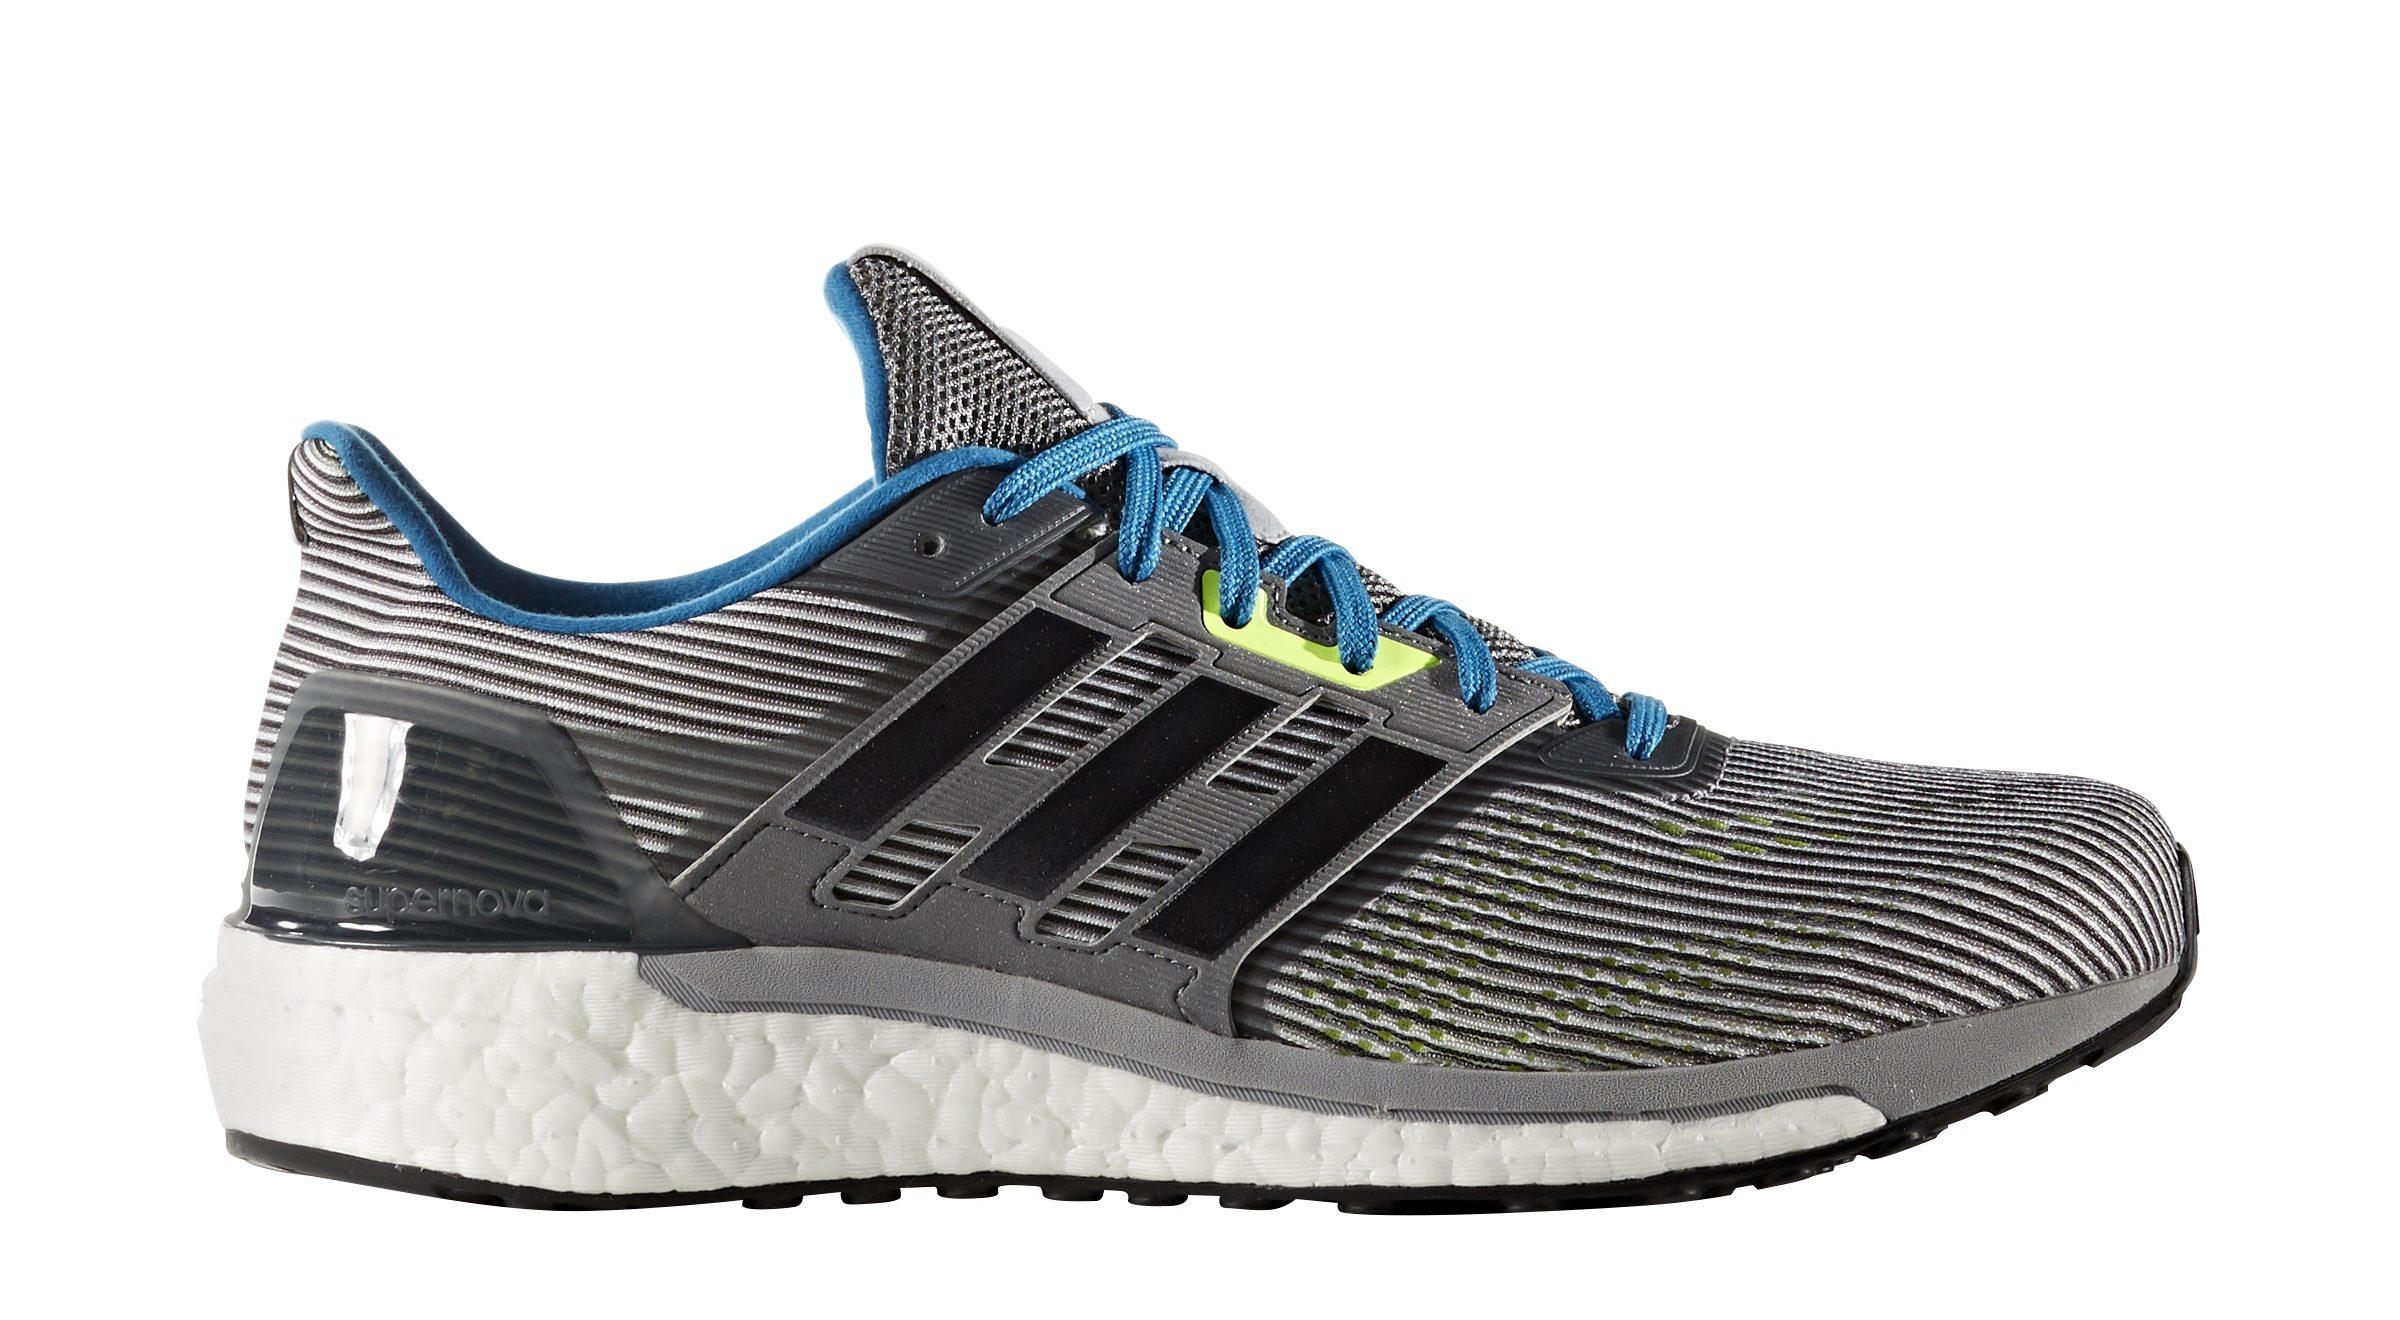 Jeu concours : Gagnez une paire d'Adidas Supernova